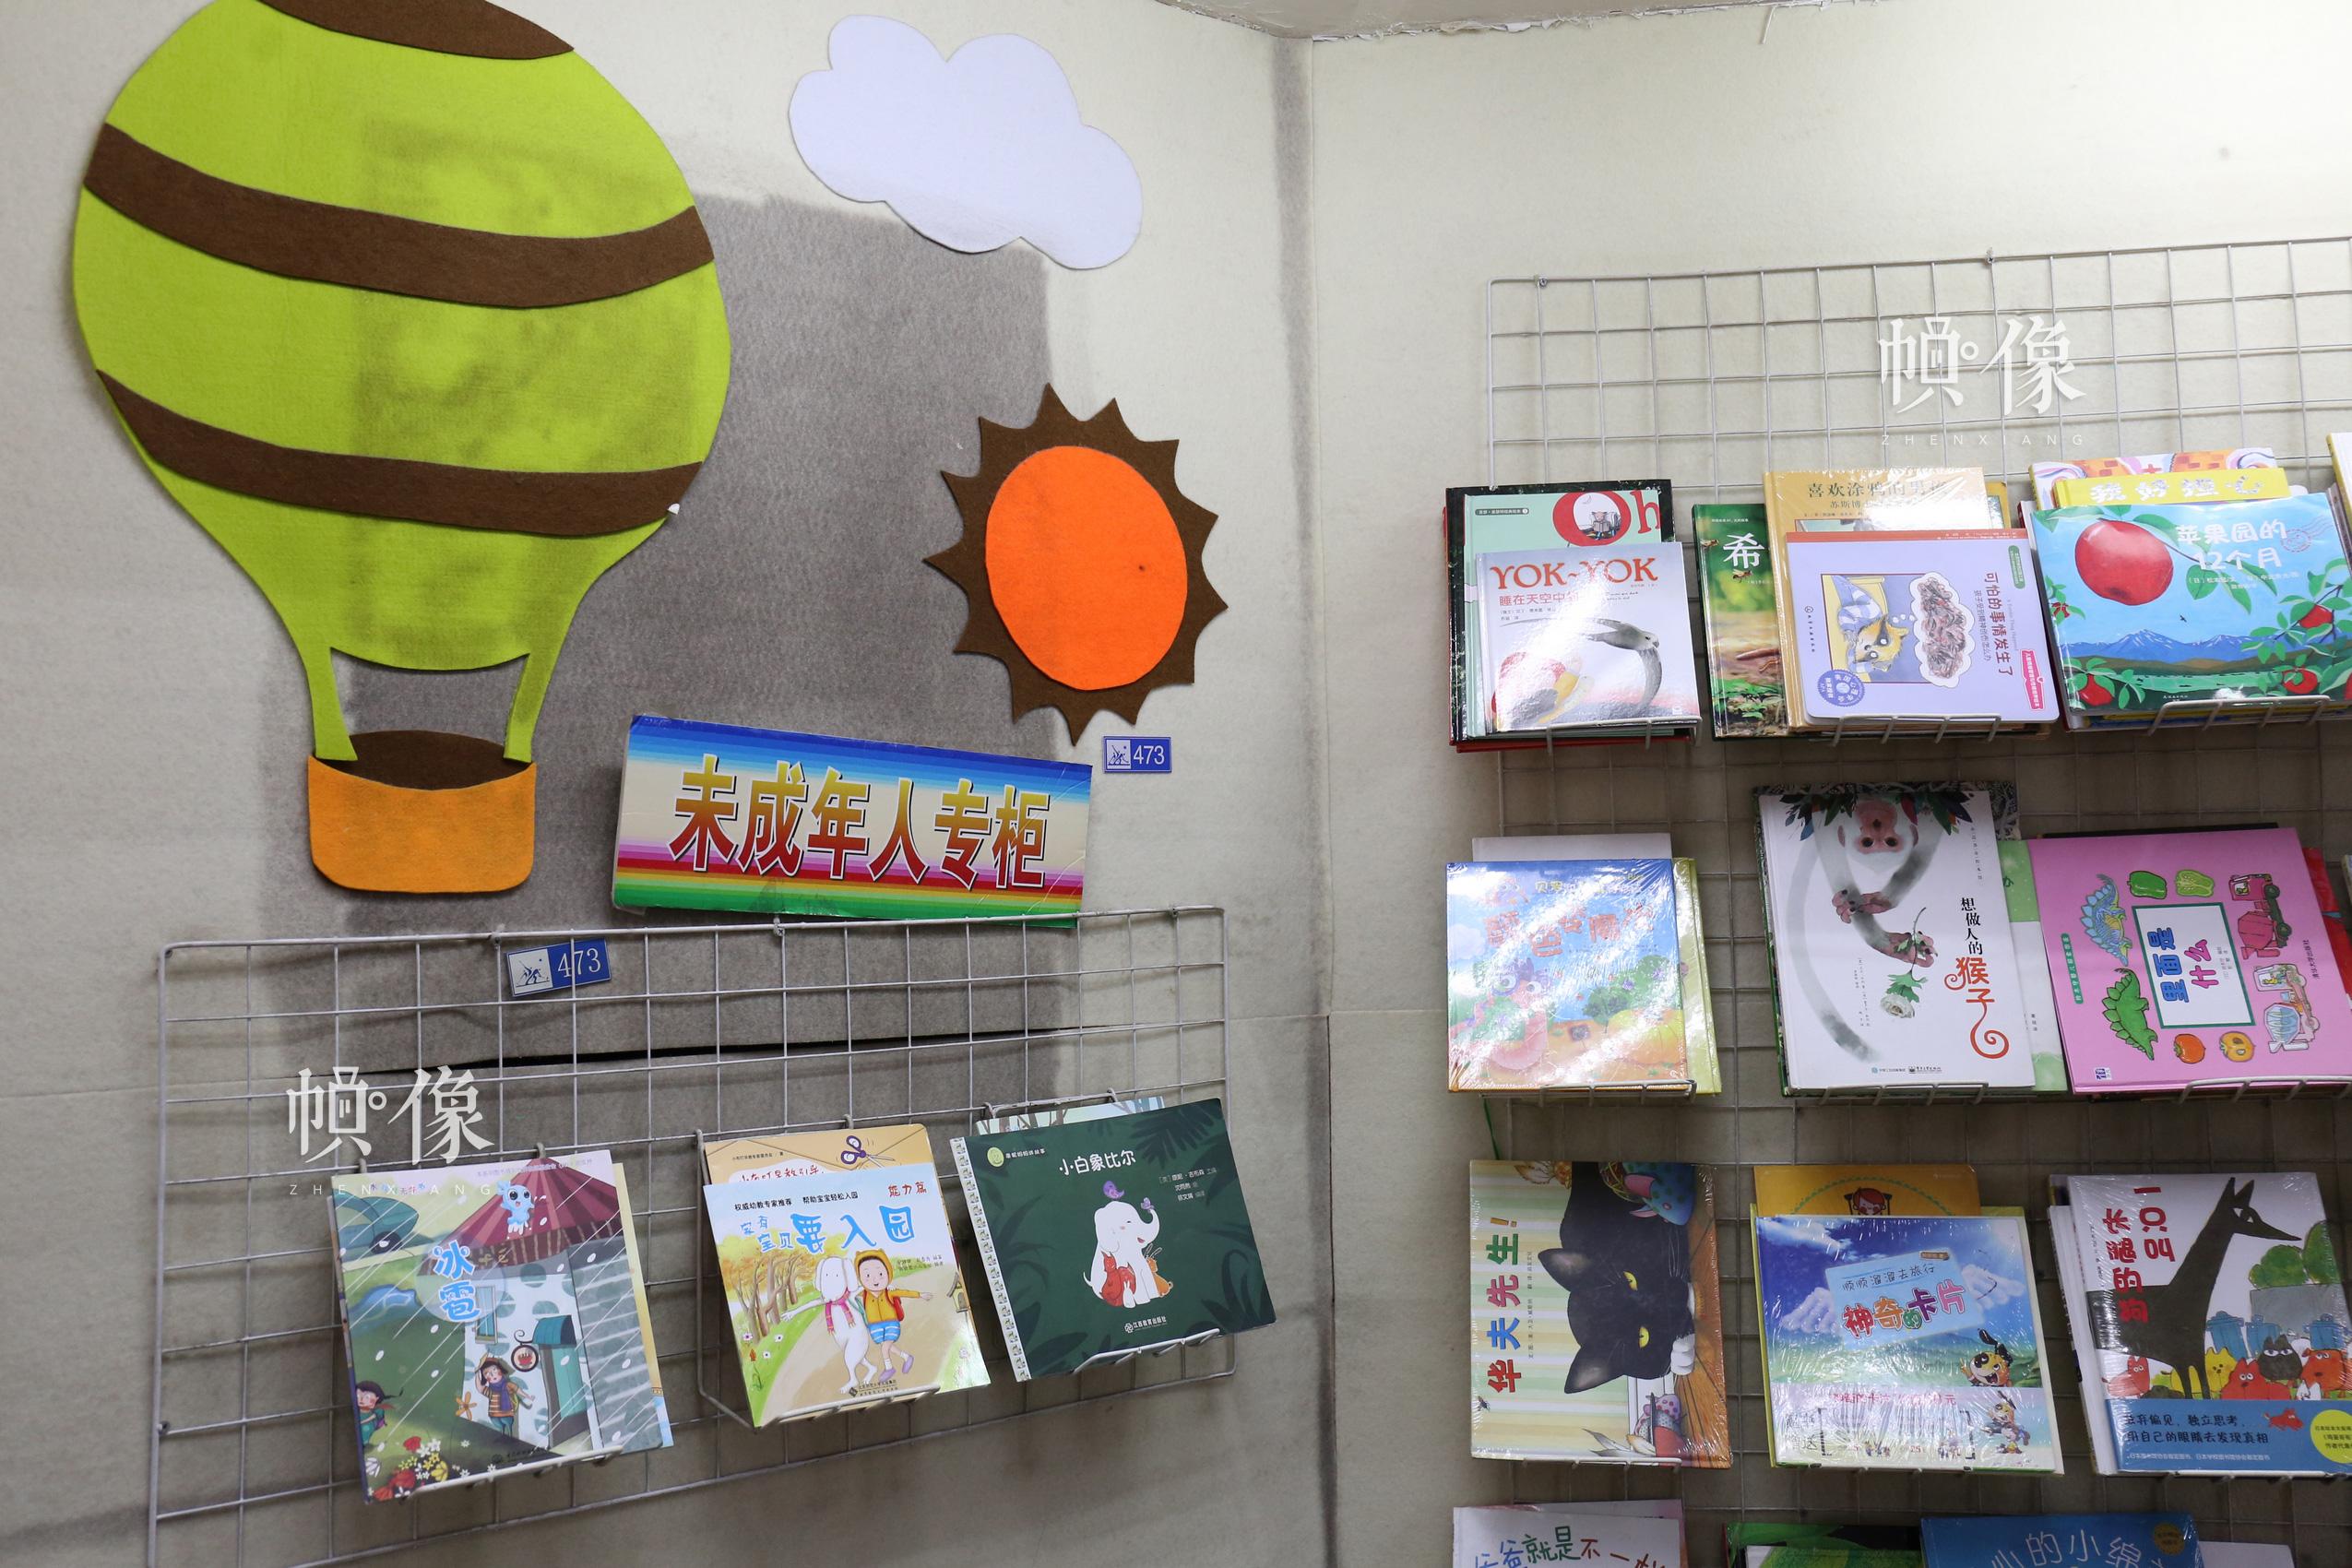 图为北京三联书店美术馆店未成年人专柜书区。 中国网记者 赵超 摄